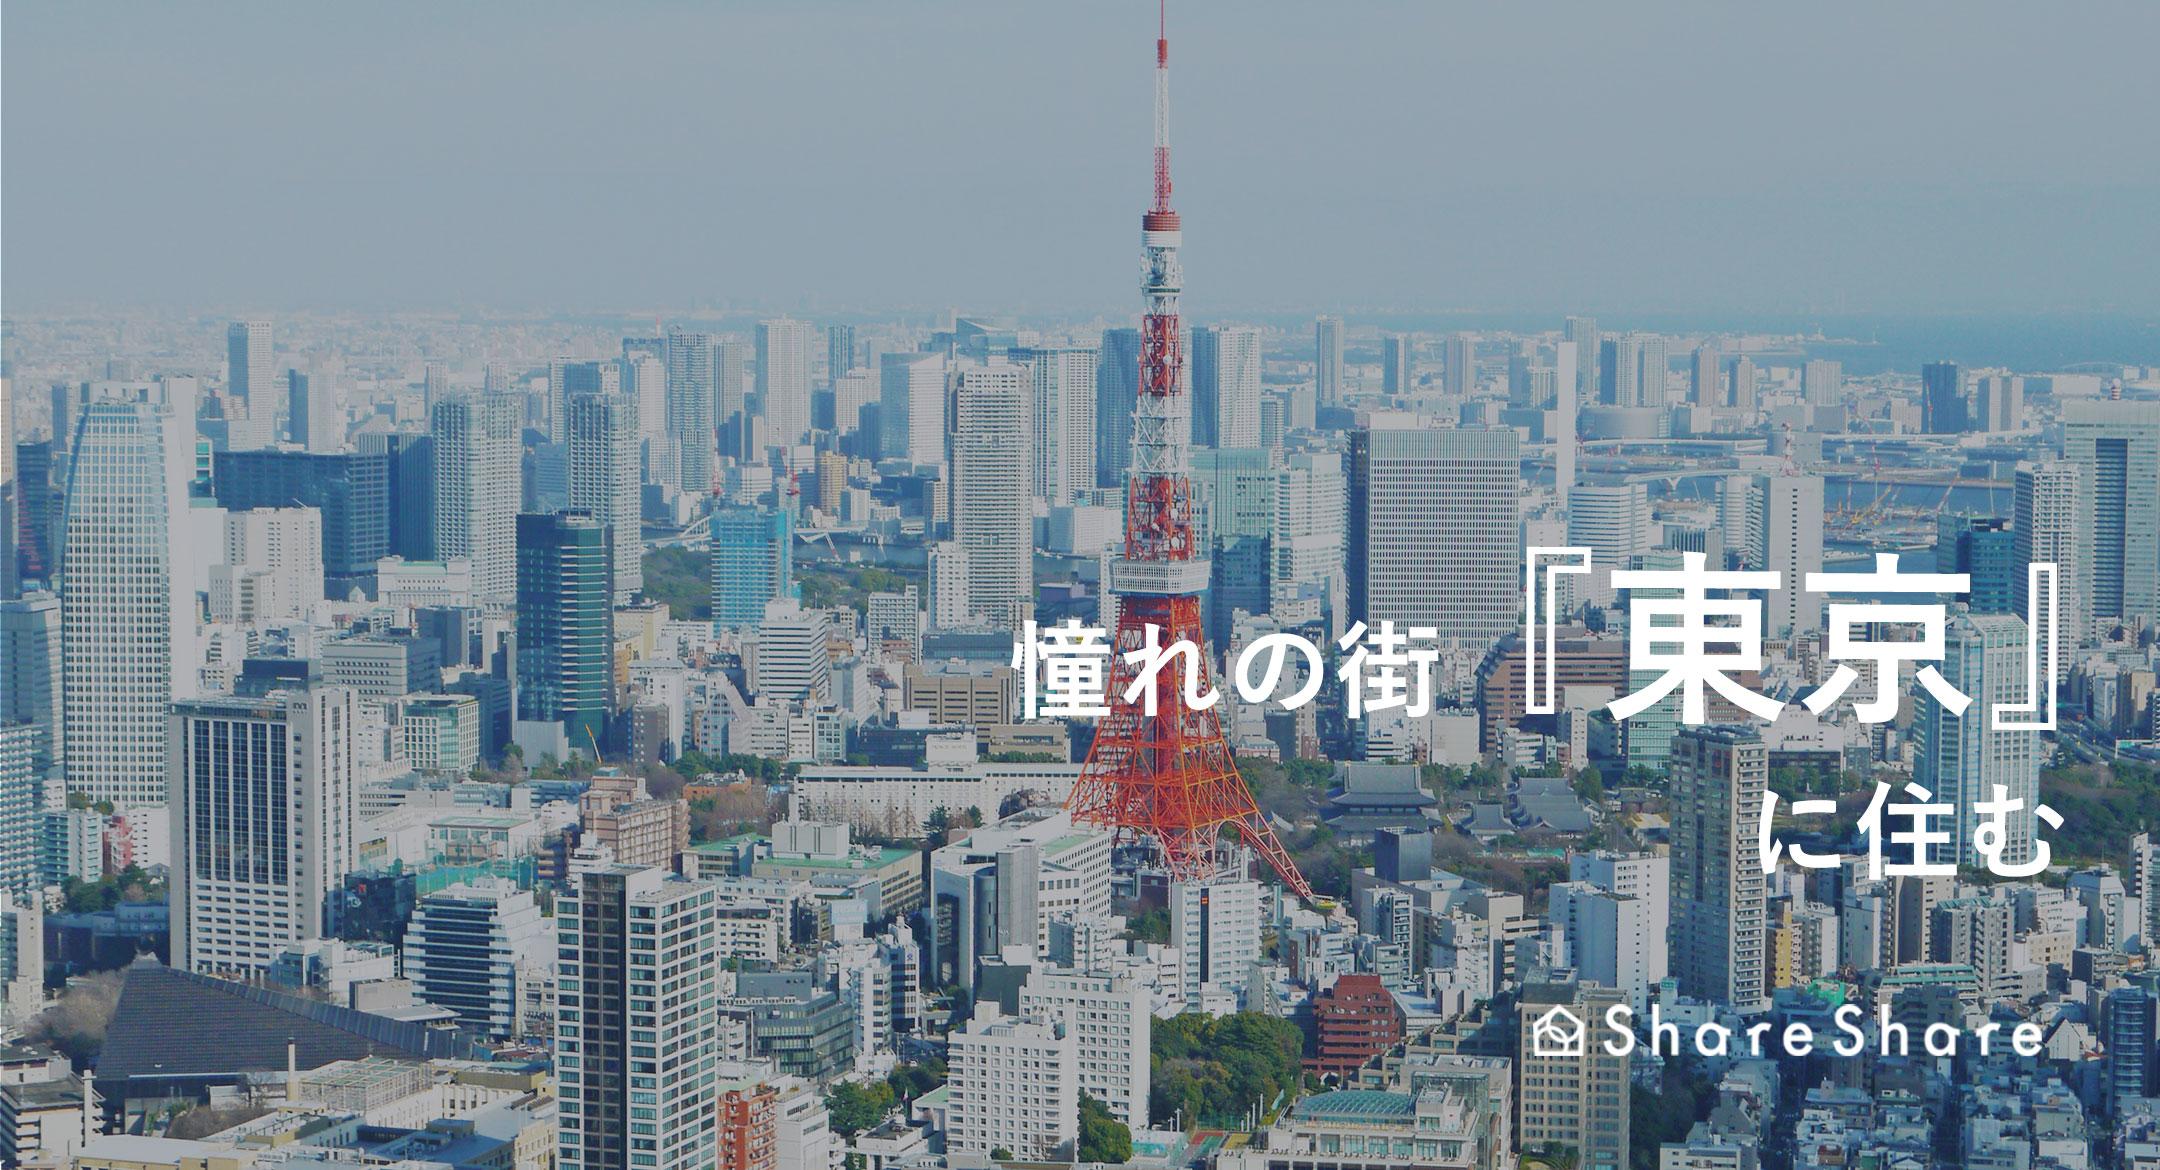 憧れの街「東京」に住む